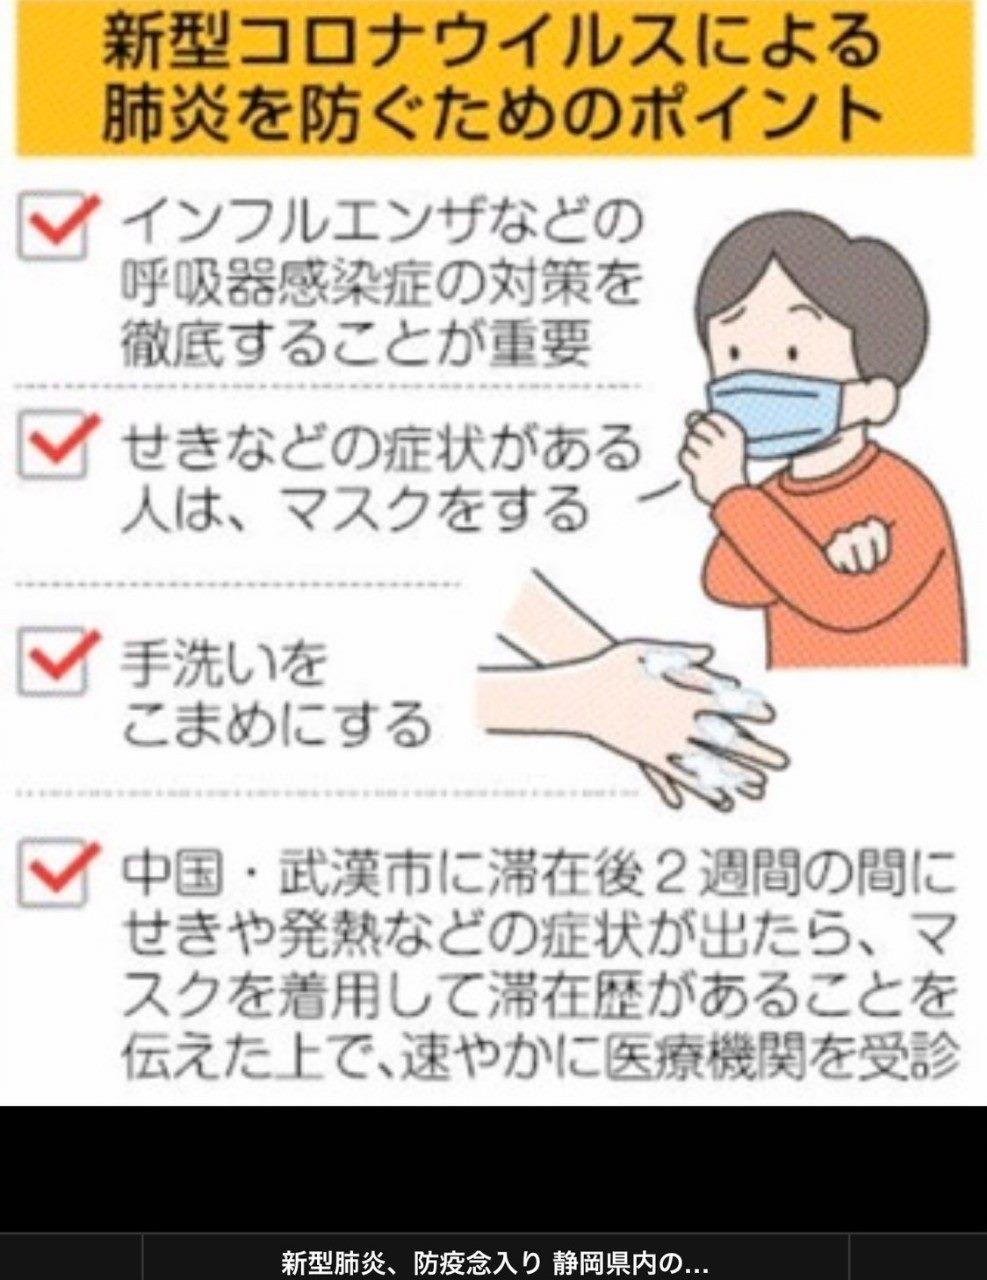 台北市政府では武漢肺炎病毒 (2019-nCoV新型冠狀病毒)の感染拡大を予防するために、コロナウイルスに関する予防策や対策を既に開始しています